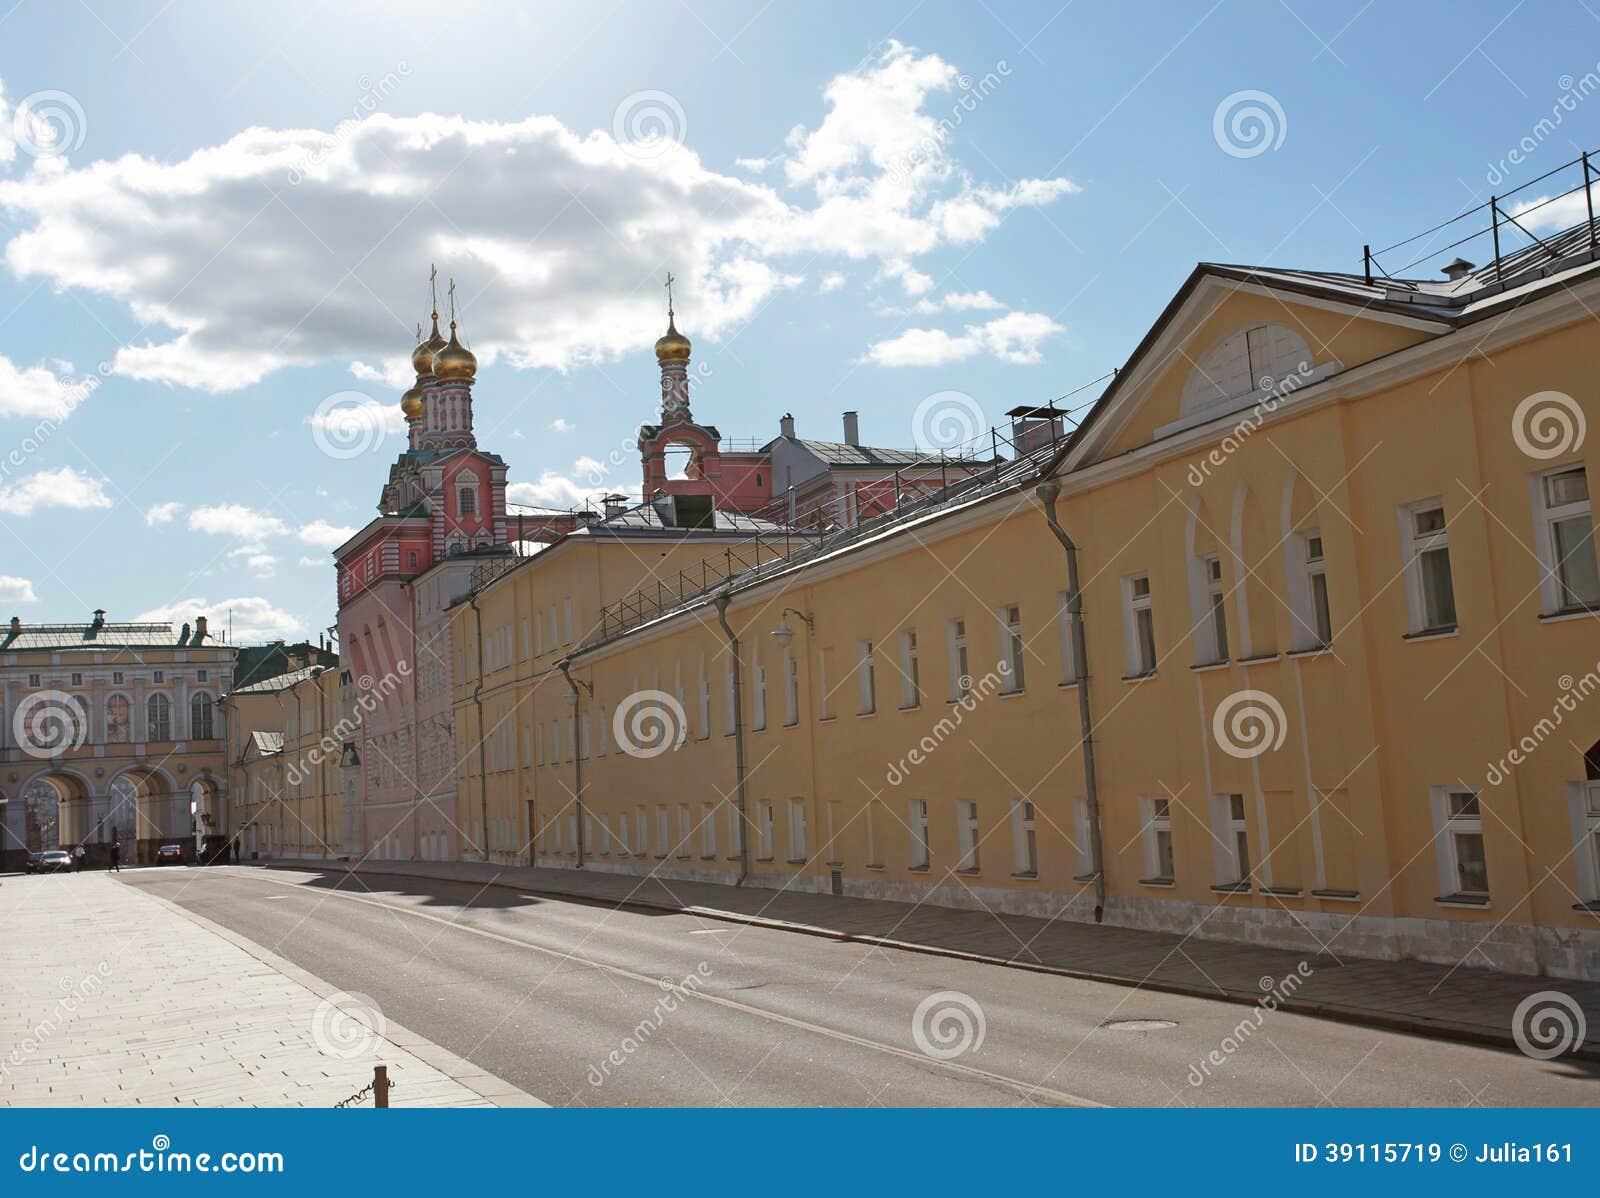 Moskau der Kreml, der Spaß-Palast